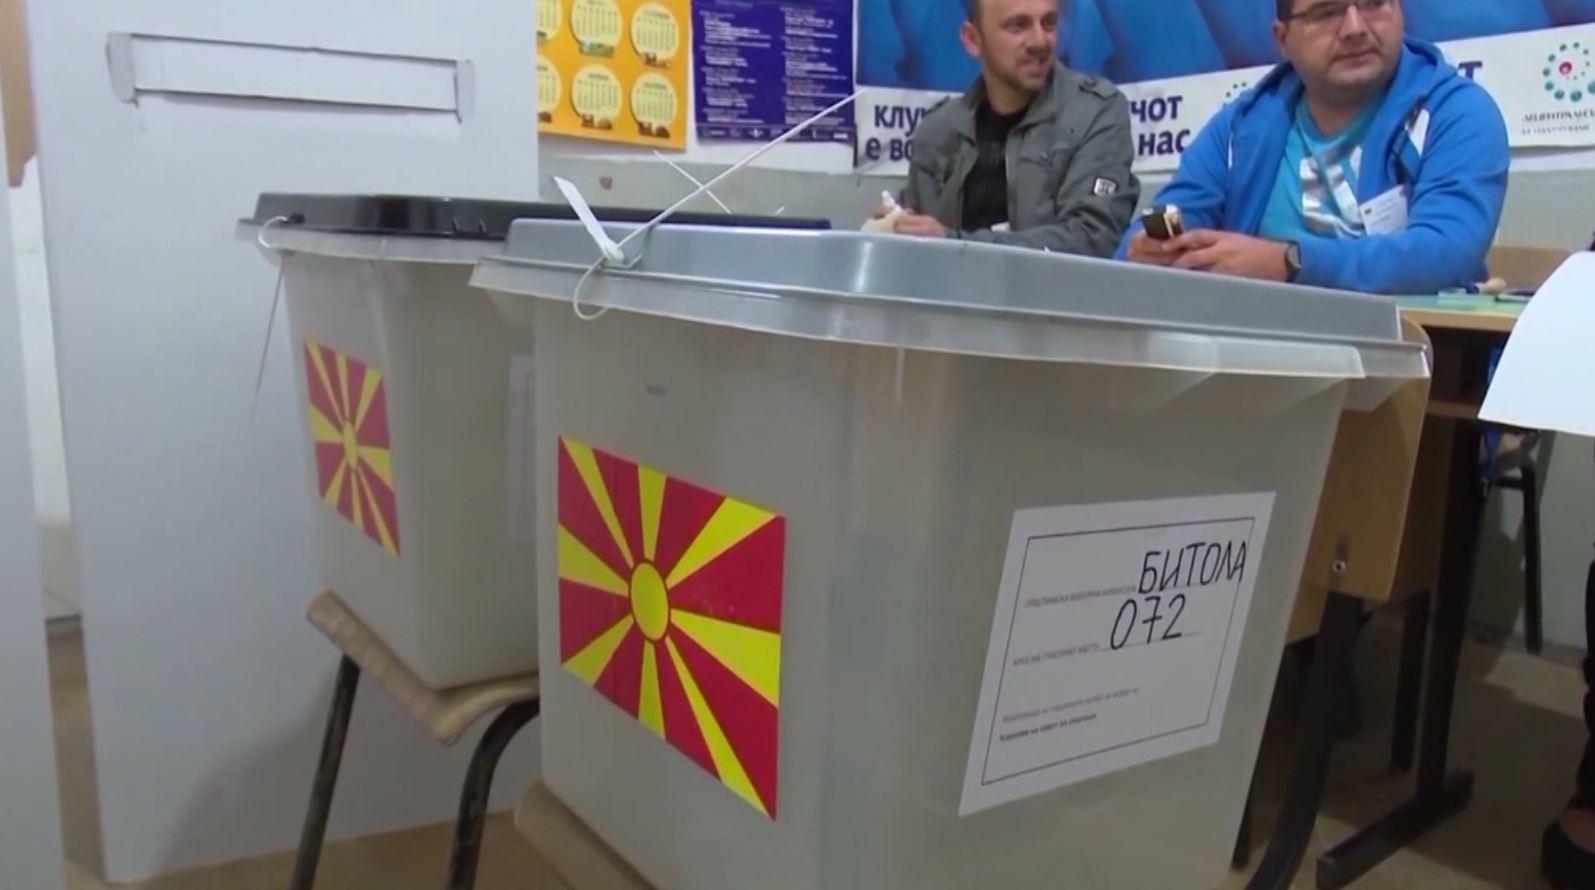 Zgjedhjet e parakohëshme do t'i kushtojnë Maqedonisë 4.5 milion euro